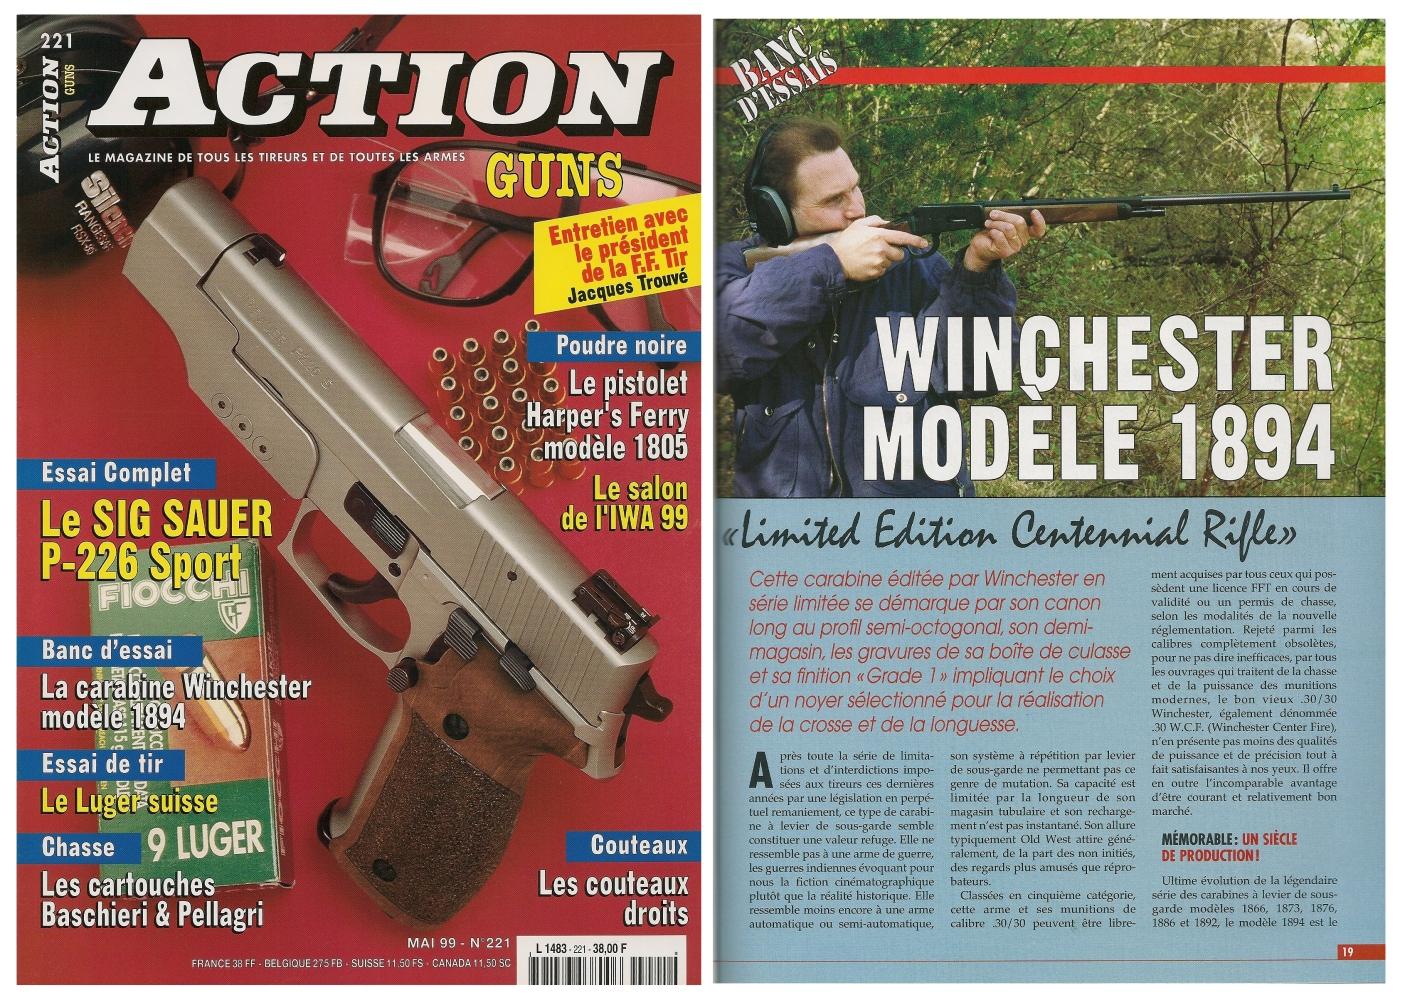 Le banc d'essai de la carabine Winchester modèle 1894 Centennial a été publié sur 5 pages dans le magazine Action Guns n°221 (mai 1999).